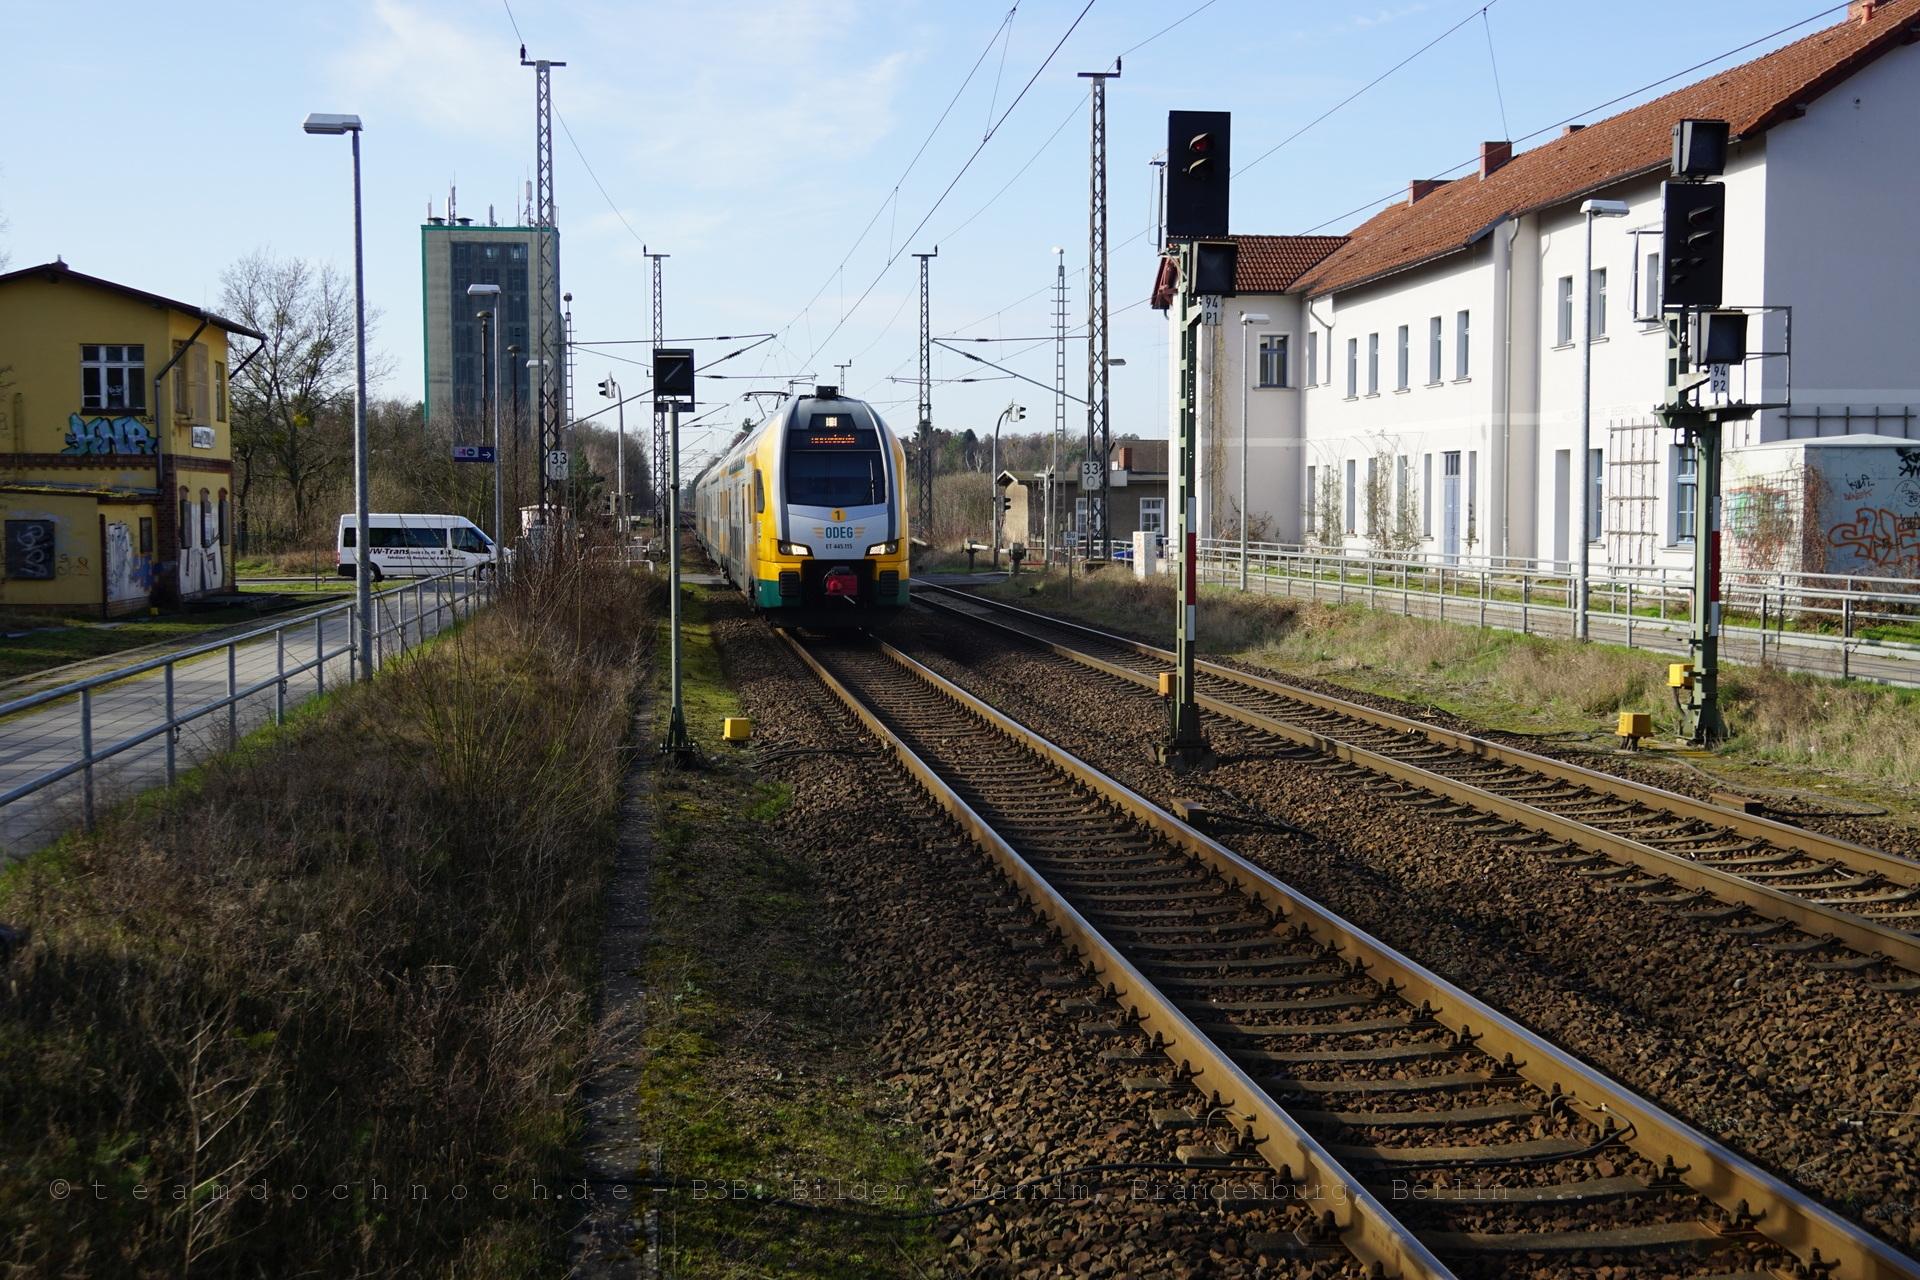 ET 445.115 der ODEG durchfährt den Bahnhof Biesenthal